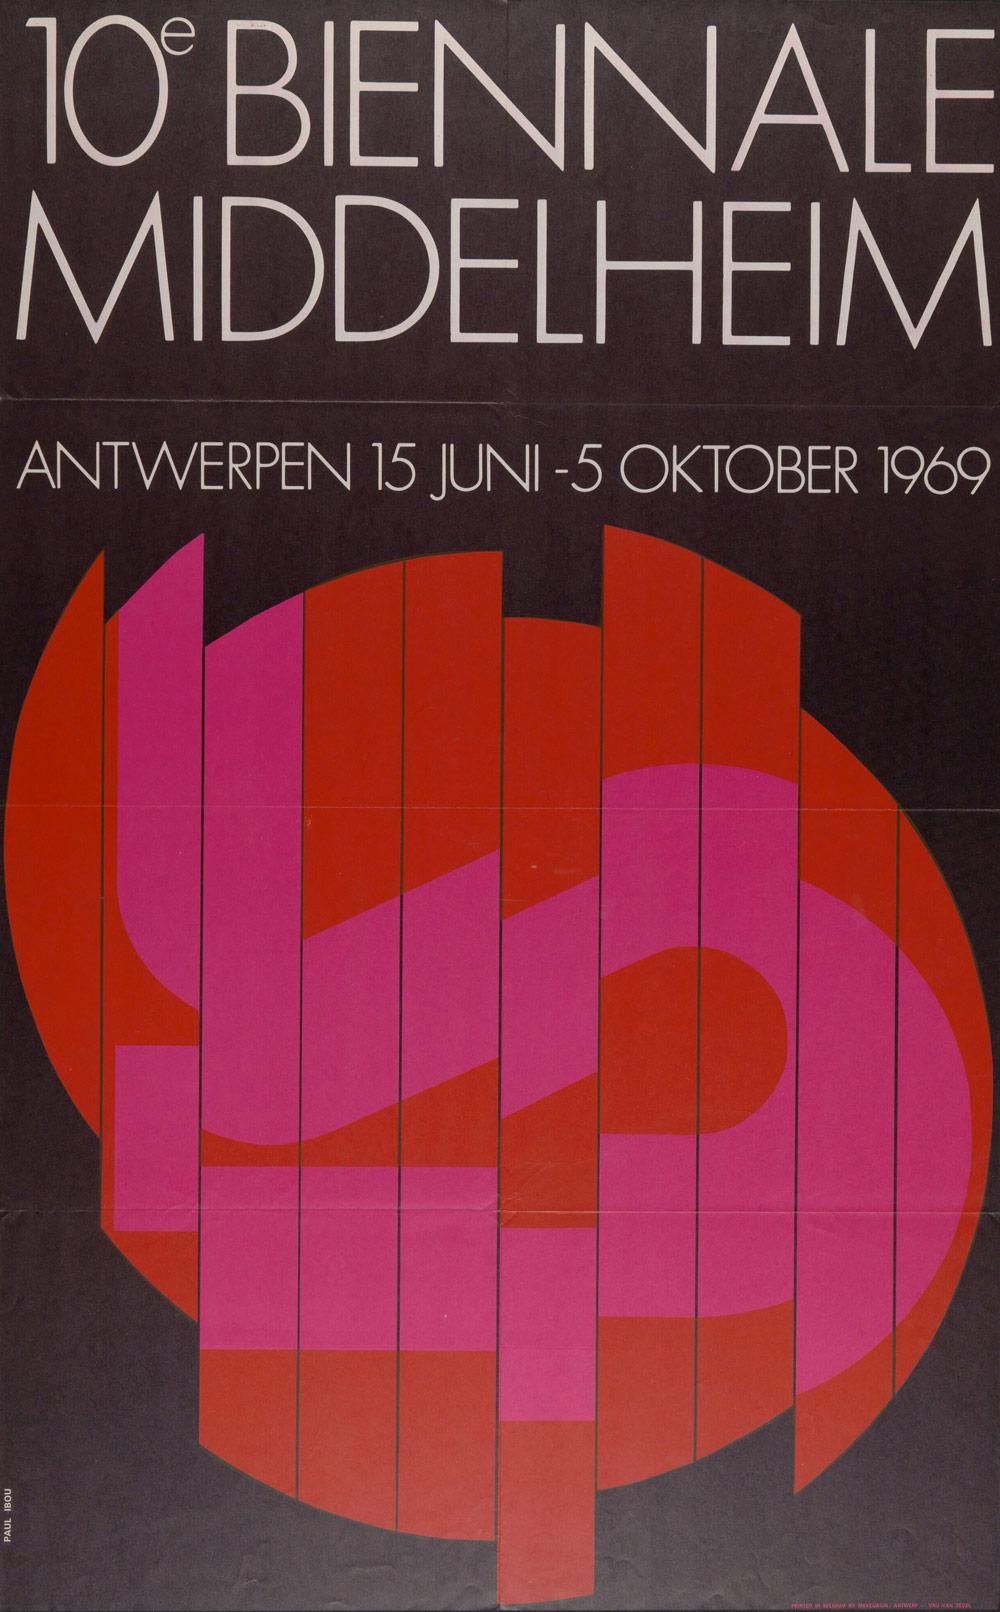 2019-09-23_5d88ed949d9e6_5-Paul-Ibou-Middelheim-Biennale-poster-1969